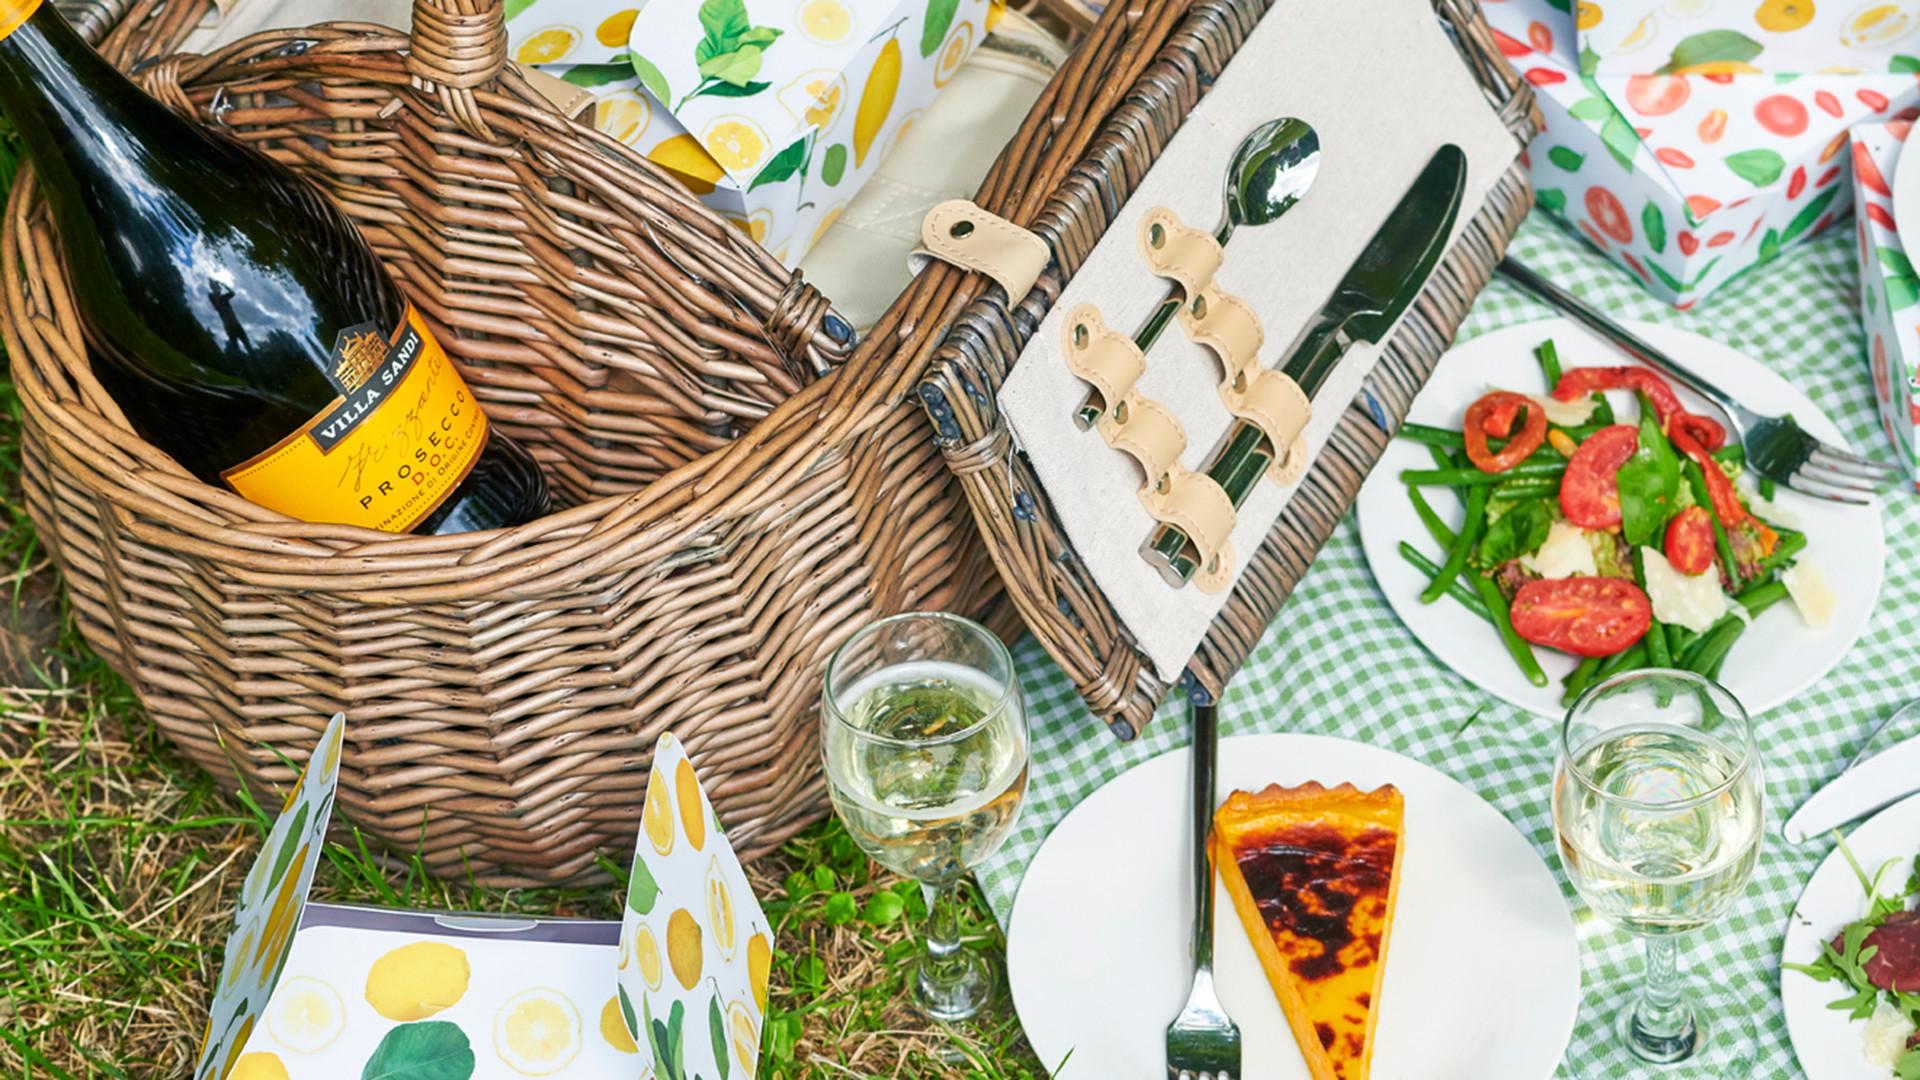 Theo Randall prosecco picnic hamper